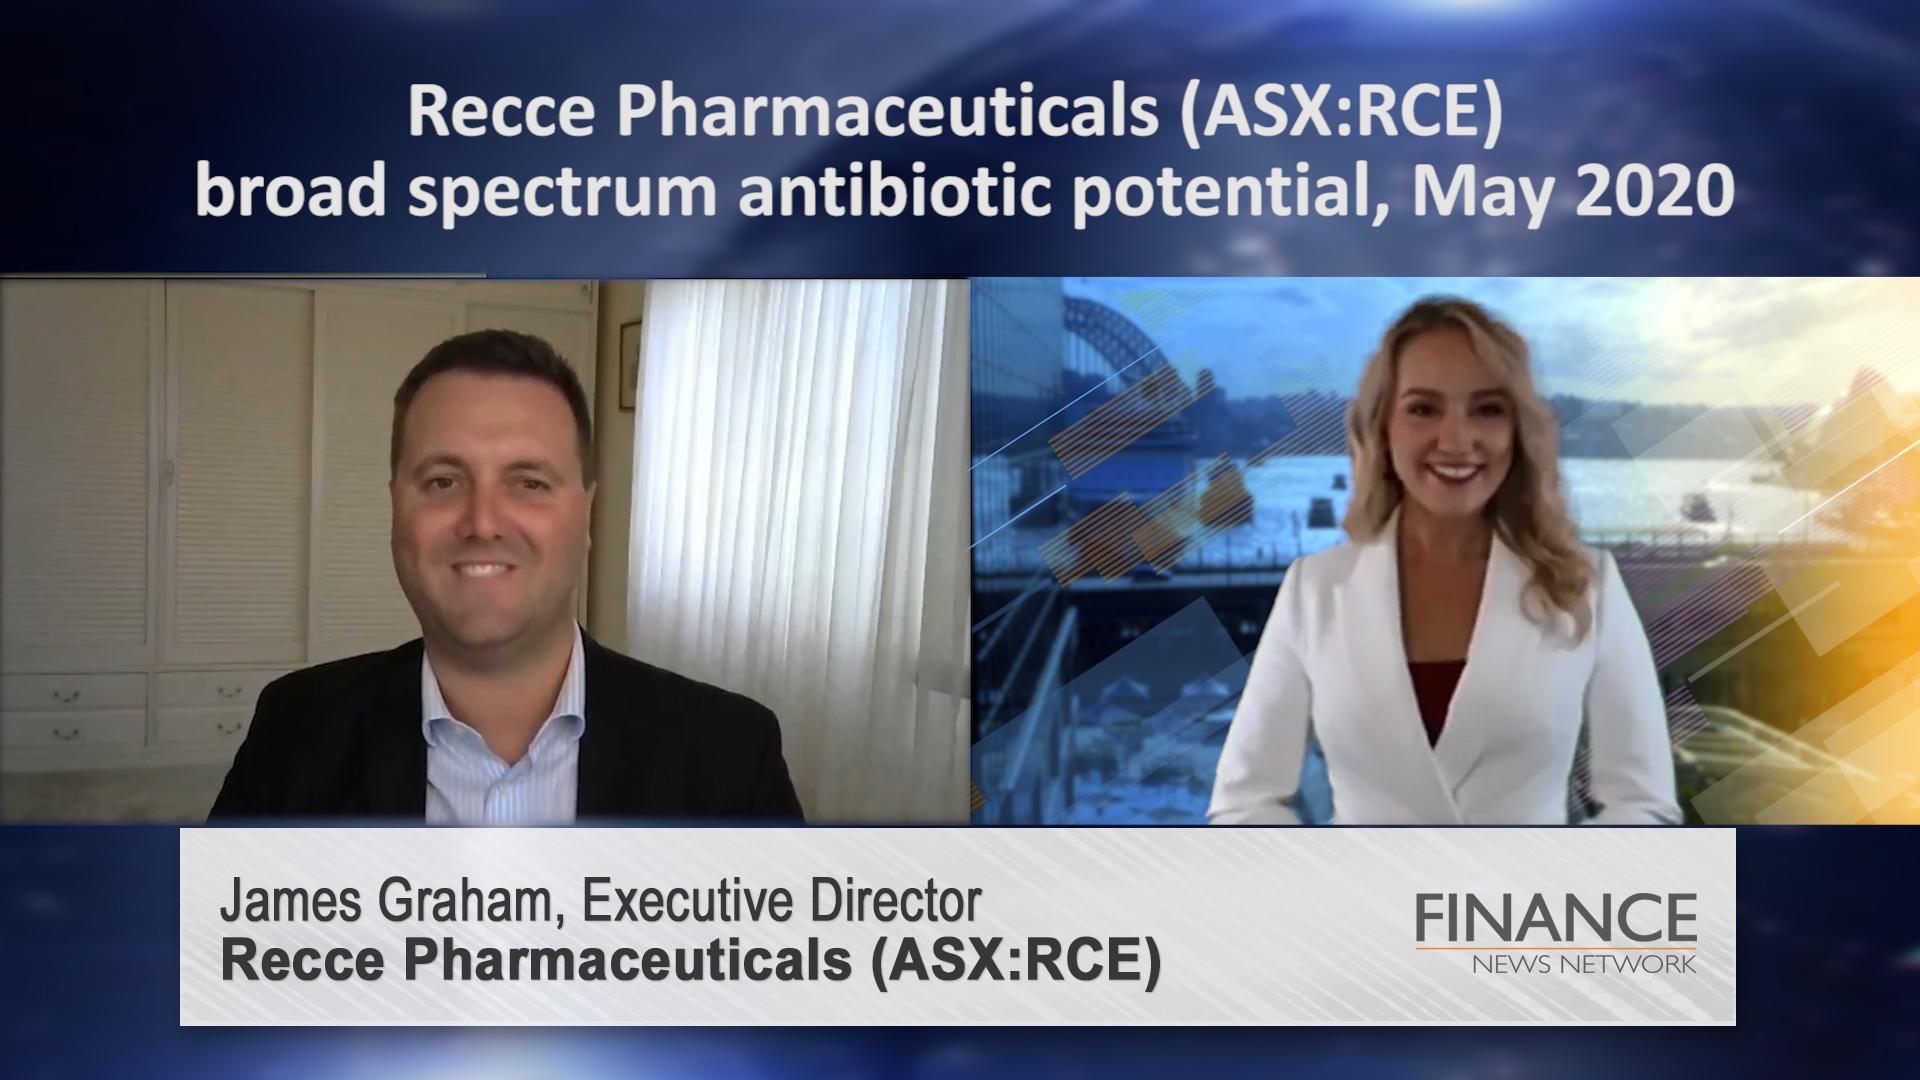 Recce Pharmaceuticals (ASX:RCE) broad spectrum antibiotic potential